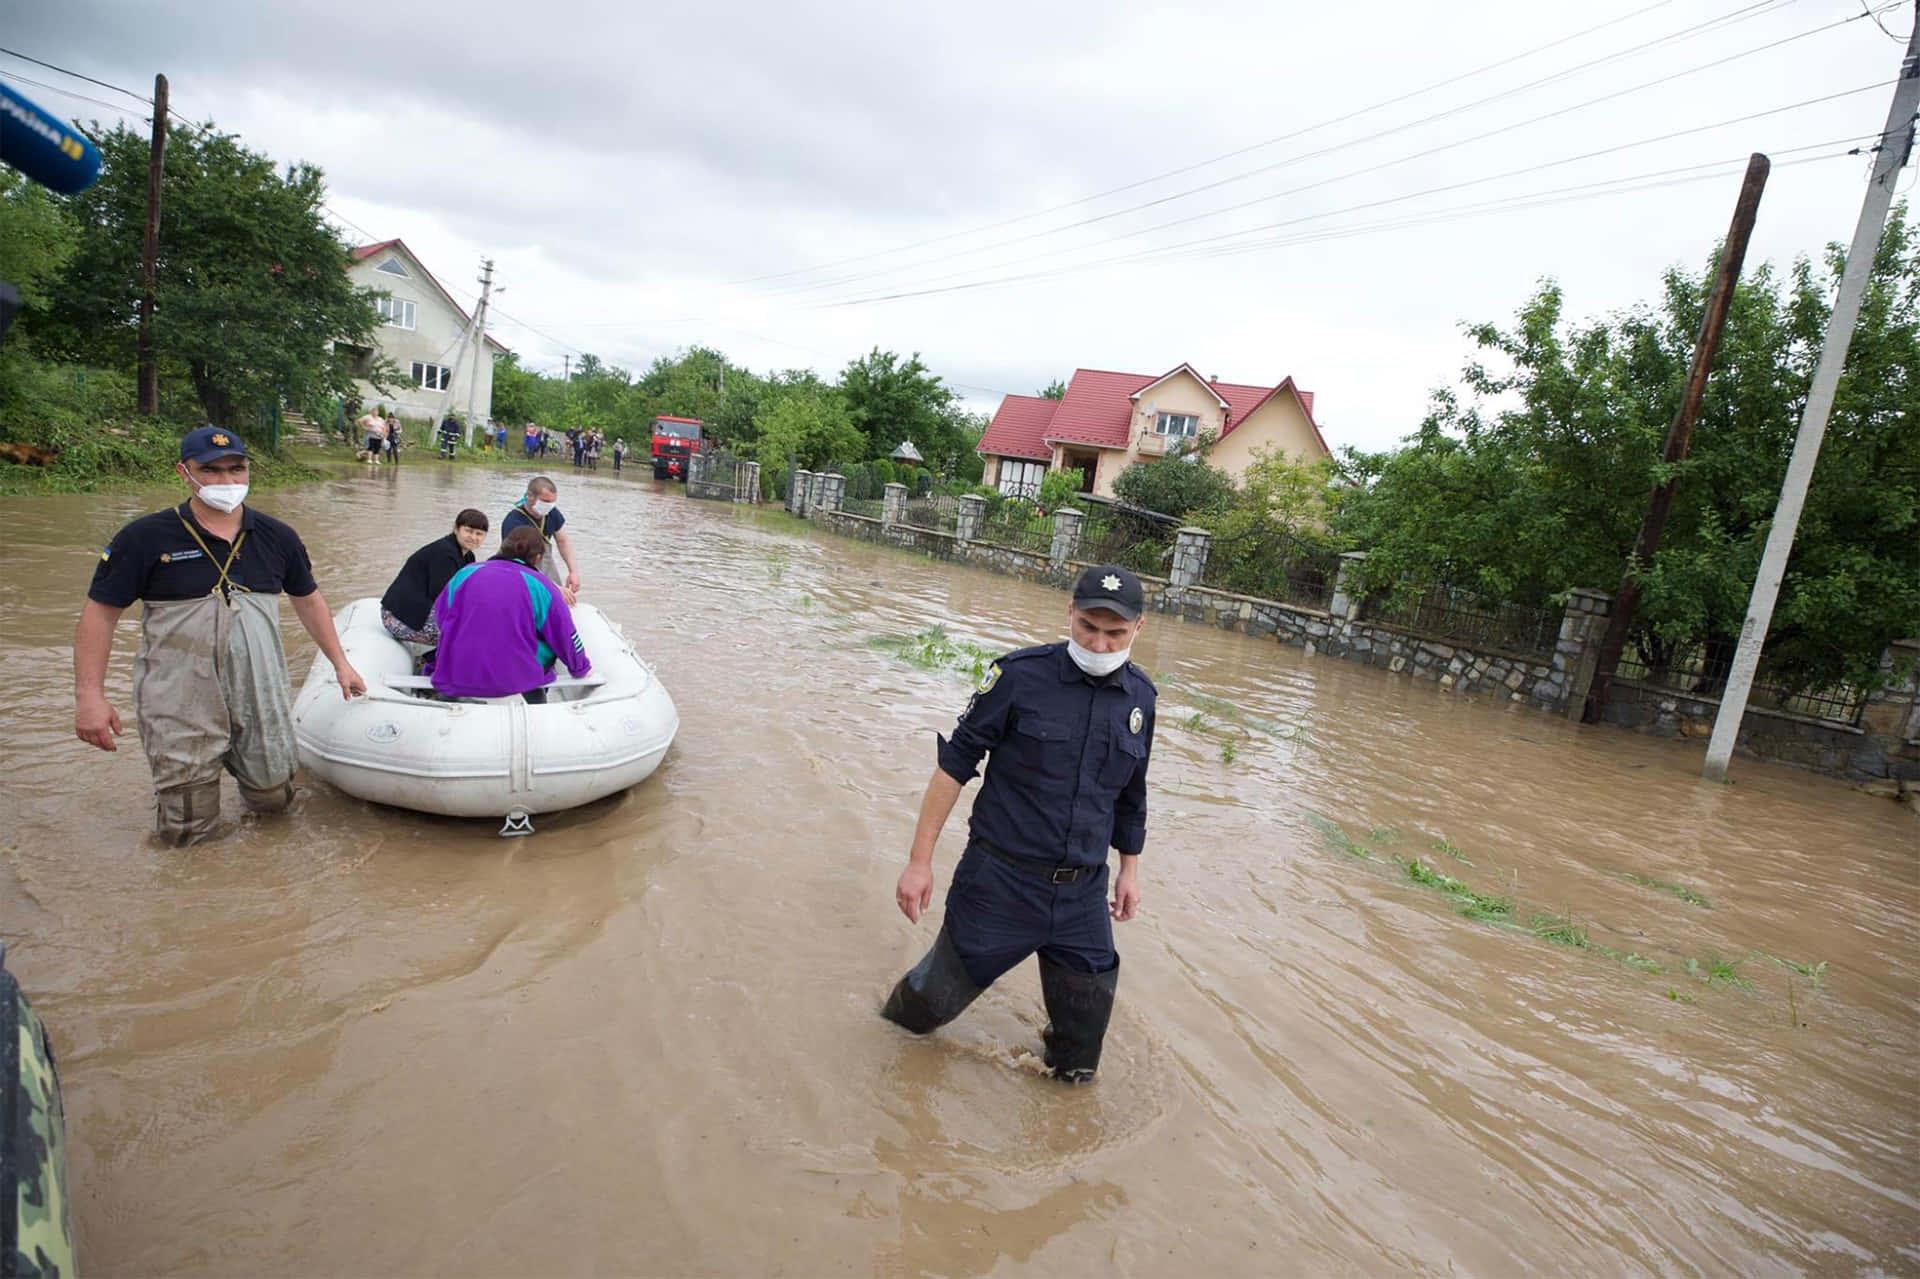 Івано-Франківщина, червень 2020